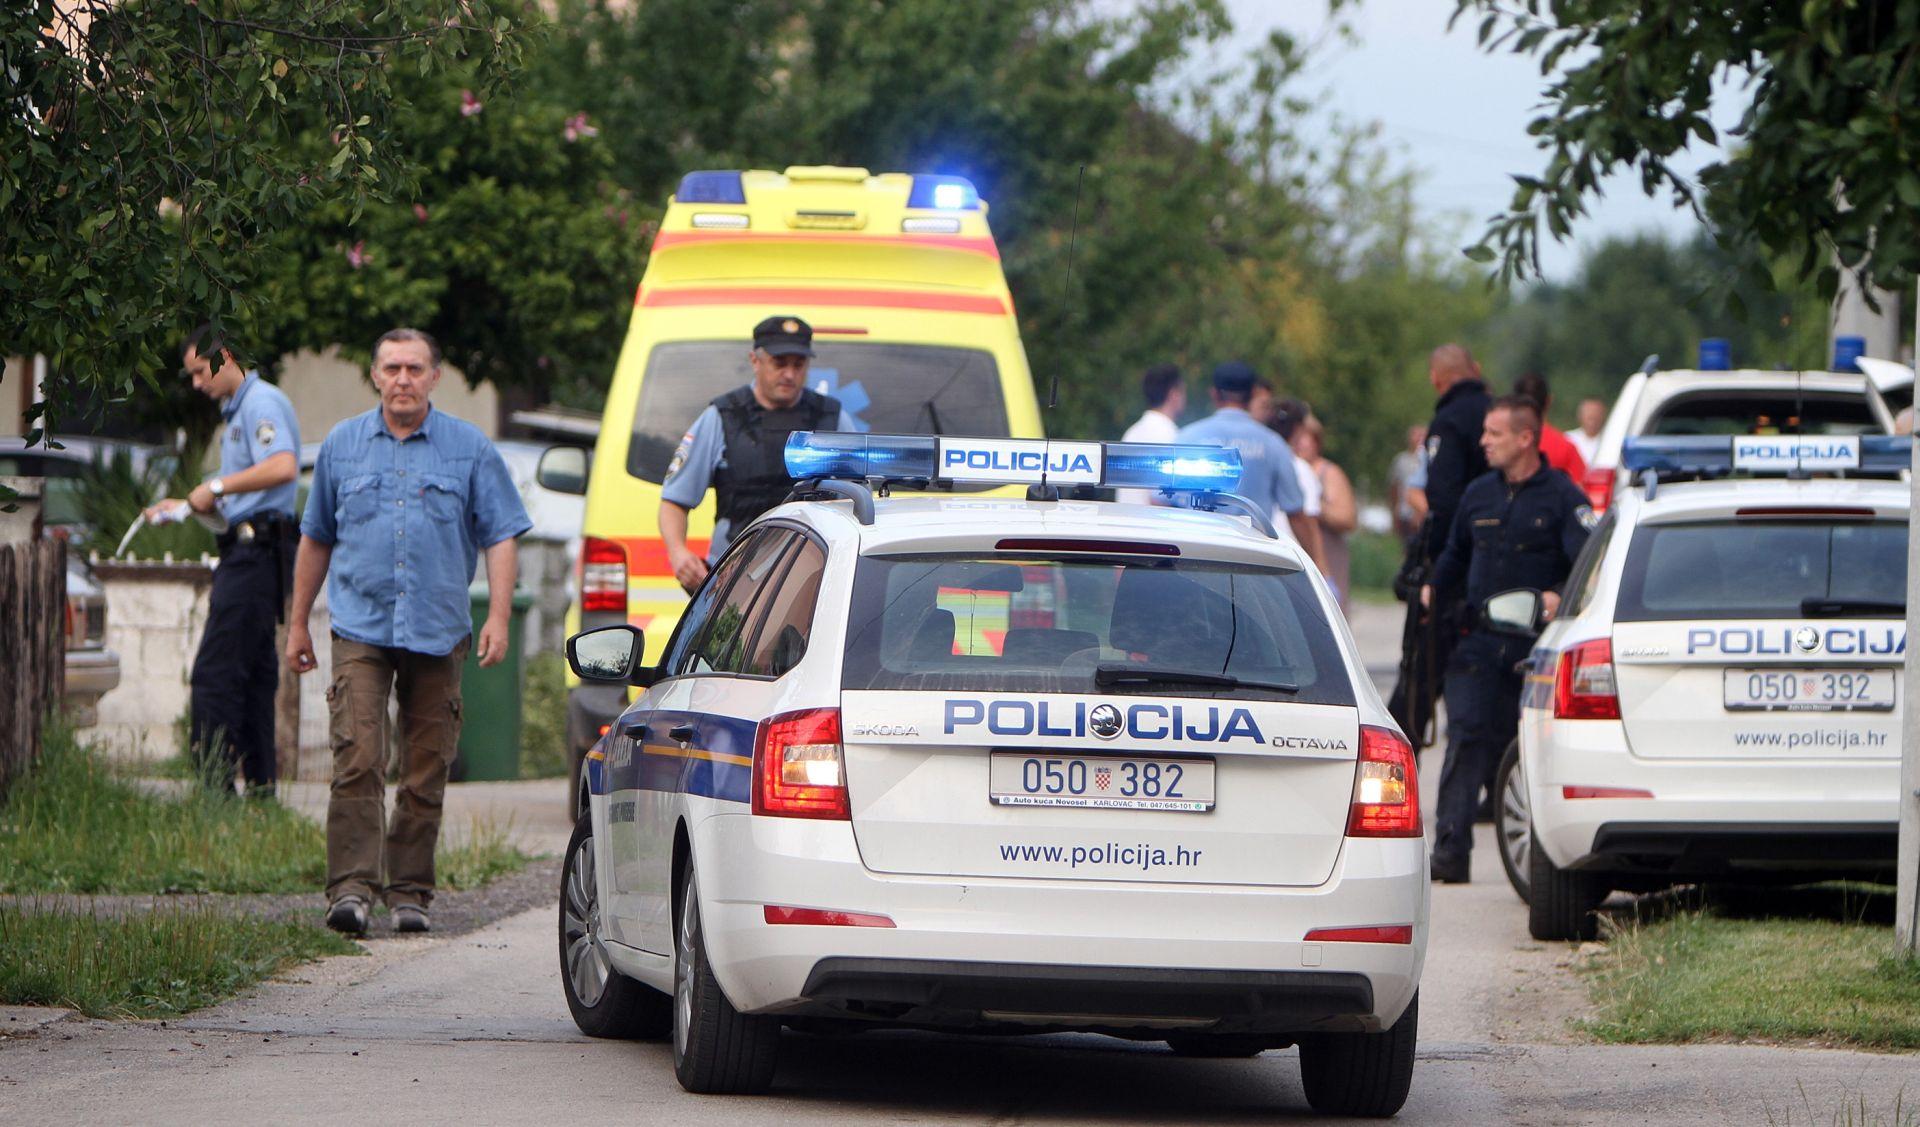 STRAVIČNO UBOJSTVO Mladić oštrim predmetom usmrtio 27-godišnjaka u Novigradu